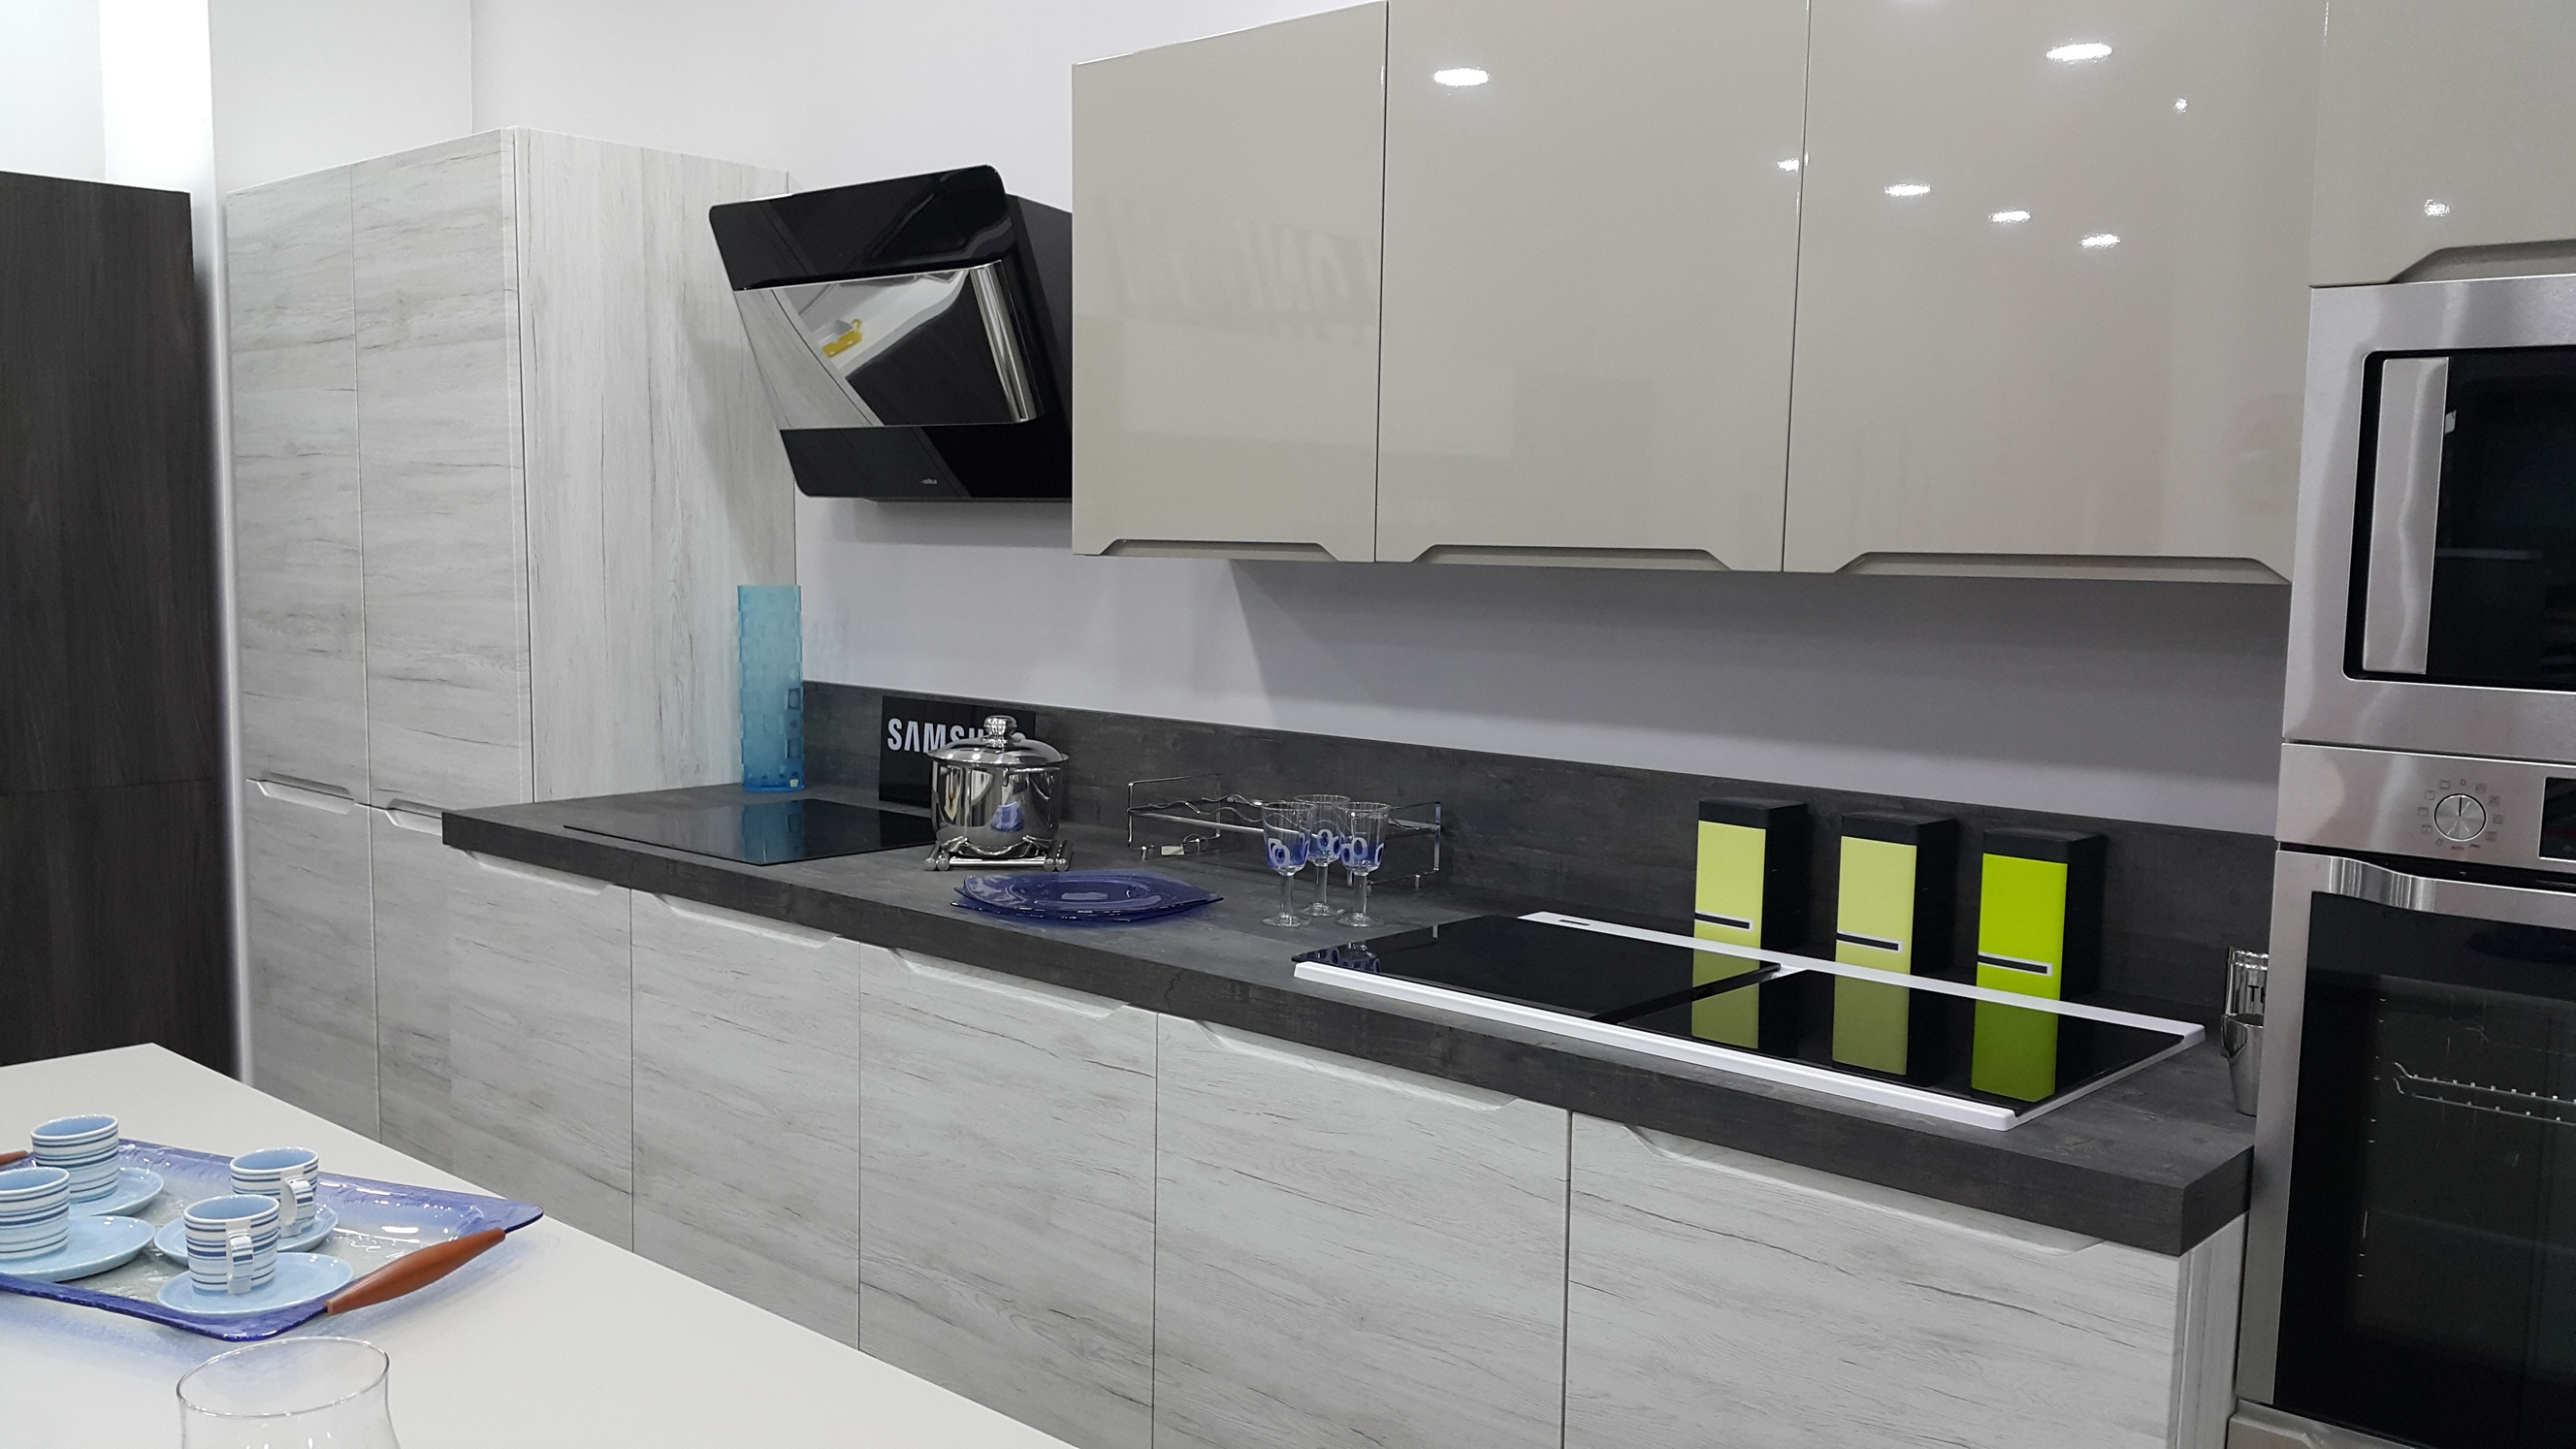 Bianco E Orzo Lucido La Cucina è Composta Da Un Blocco Cottura E #676D3C 2656 1494 Veneta Cucine E Forma 2000